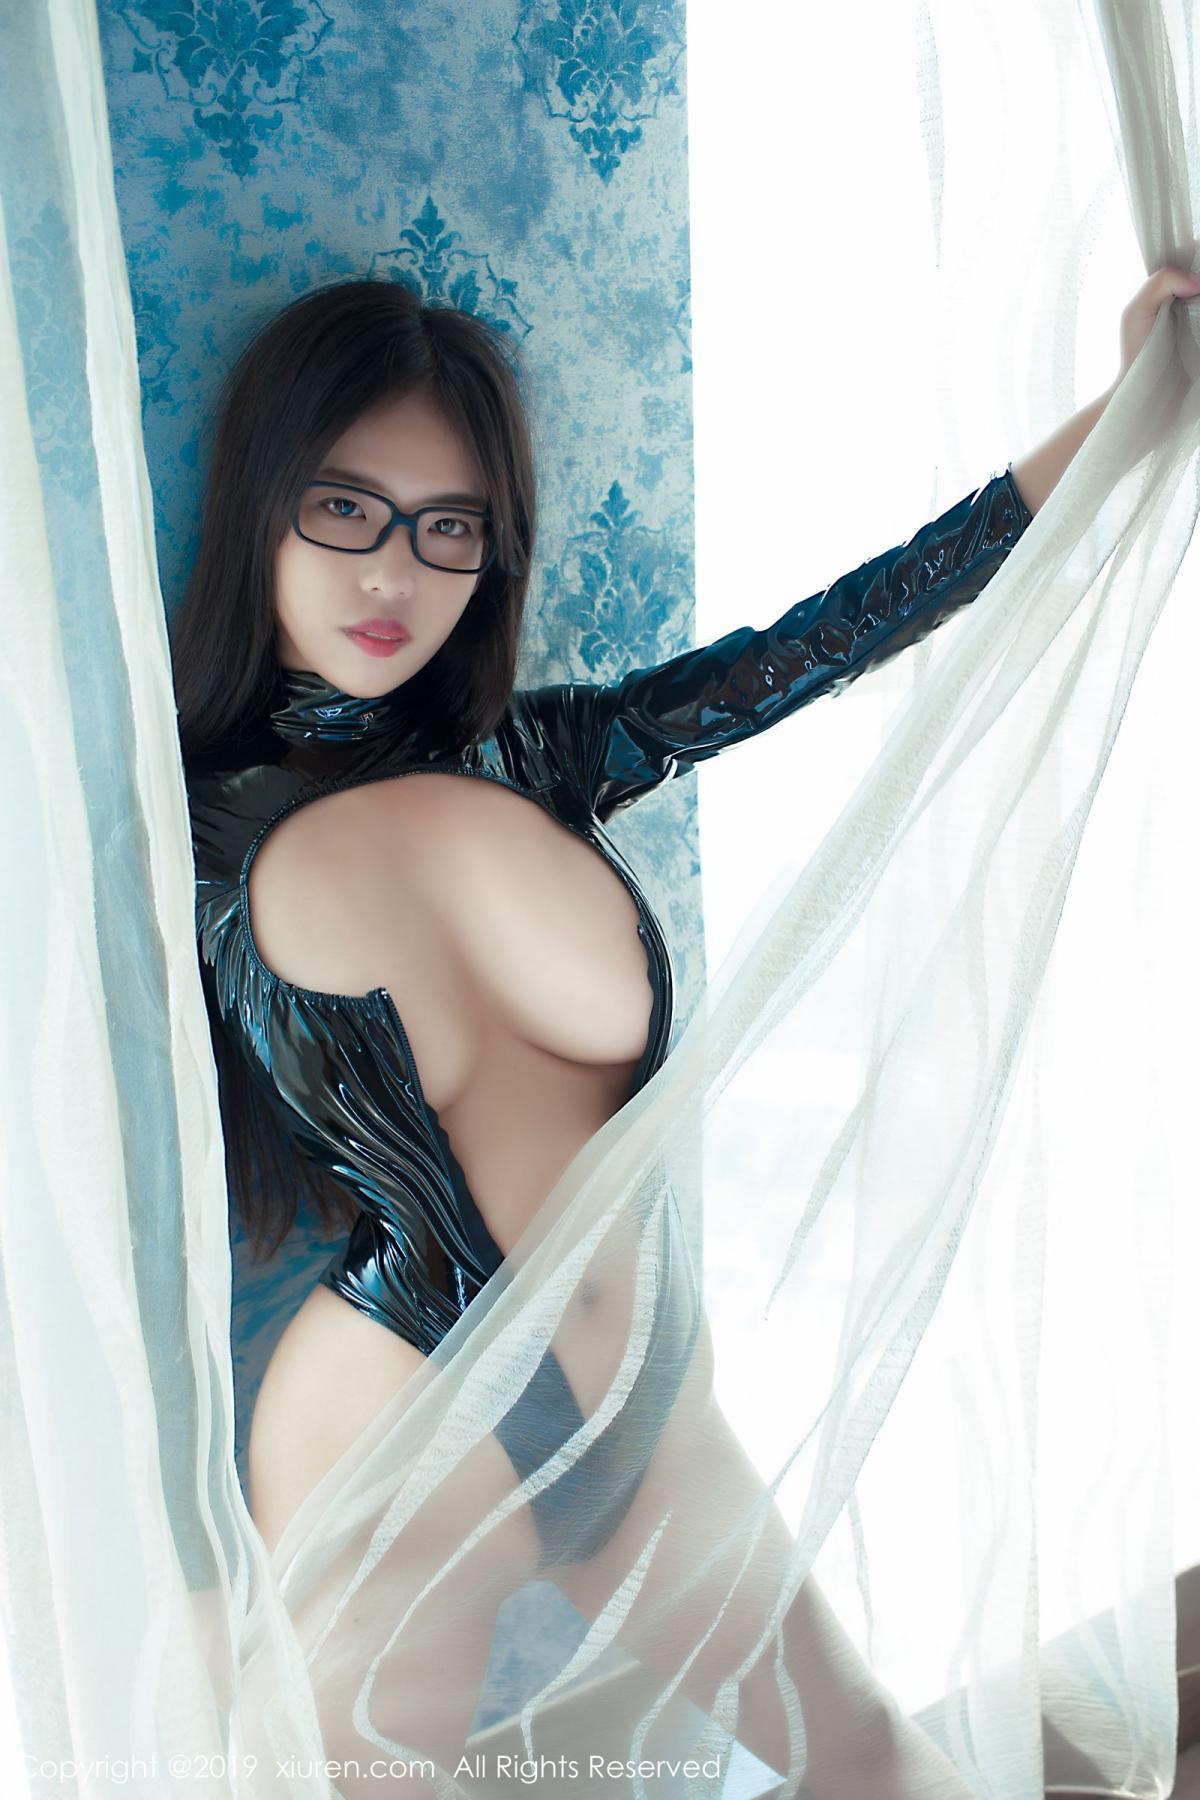 [XiuRen] Vol.1796 Xiao Xing Yun Ly 29P, Bikini, Suntan Skin, Xiao Xing Yun, Xiuren